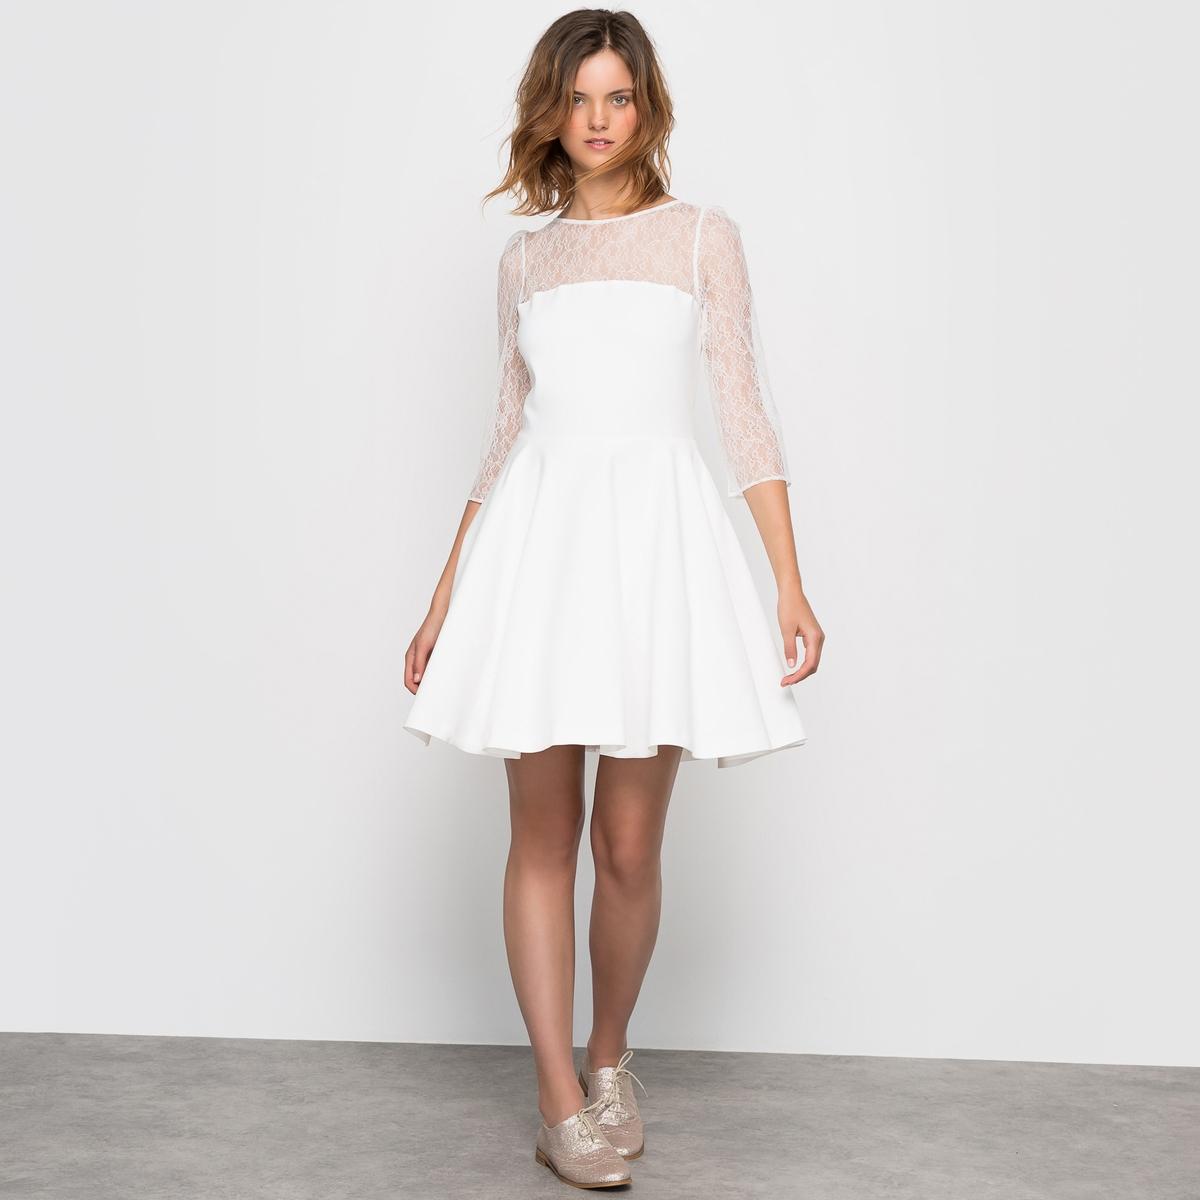 Платье свадебное короткоеСостав и описаниеМатериал 48% хлопка, 48% полиэстера, 4% эластана Длина: 92 смБренд: Mademoiselle R<br><br>Цвет: экрю<br>Размер: 44 (FR) - 50 (RUS)